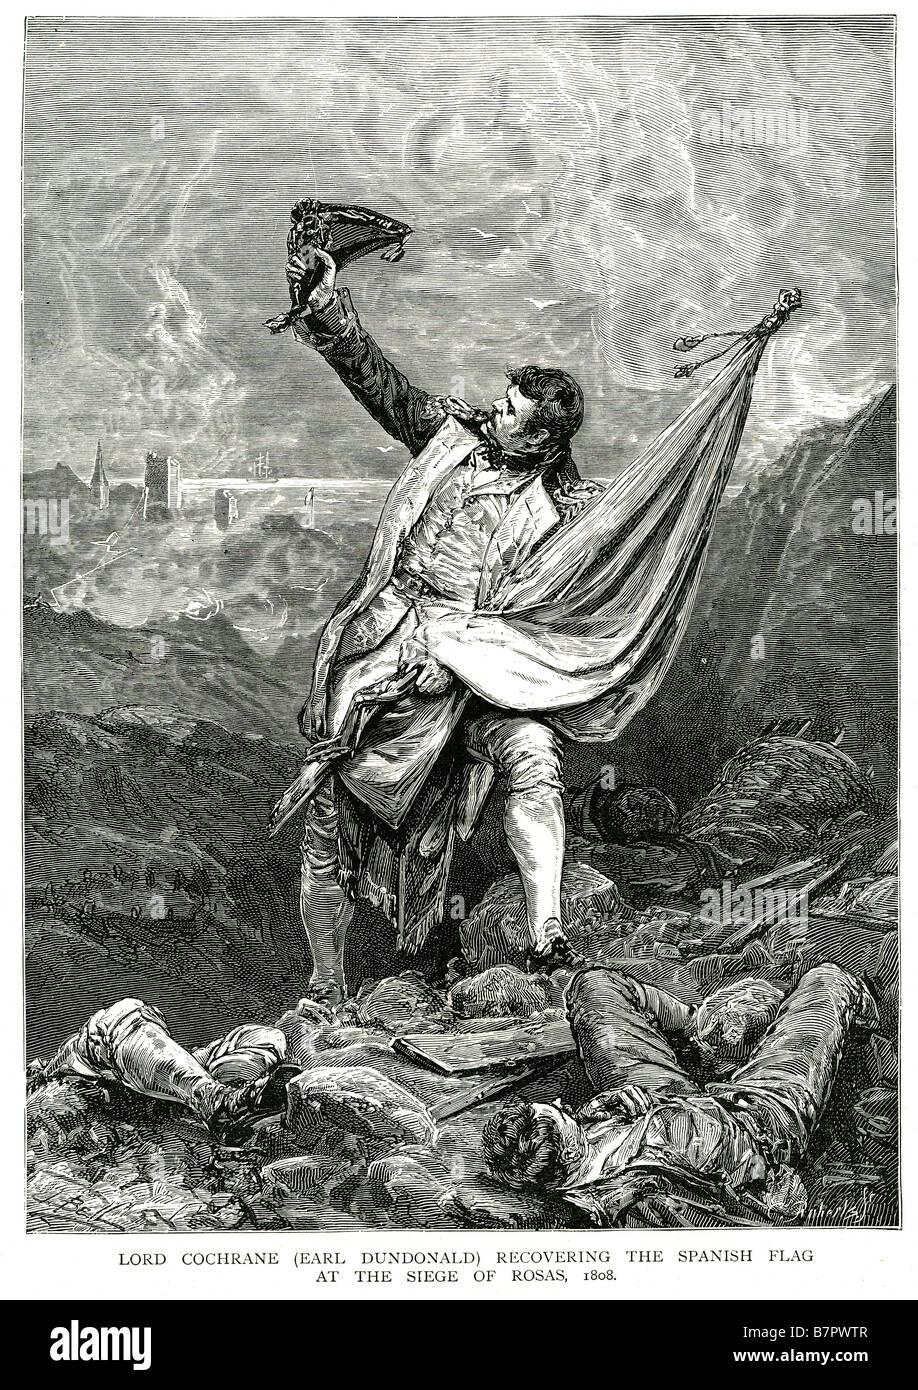 Herrn Cochraine Grafen Dundonald erholt sich die spanische Flagge bei der Belagerung von Rosas 1808 Vize-Admiral Stockbild